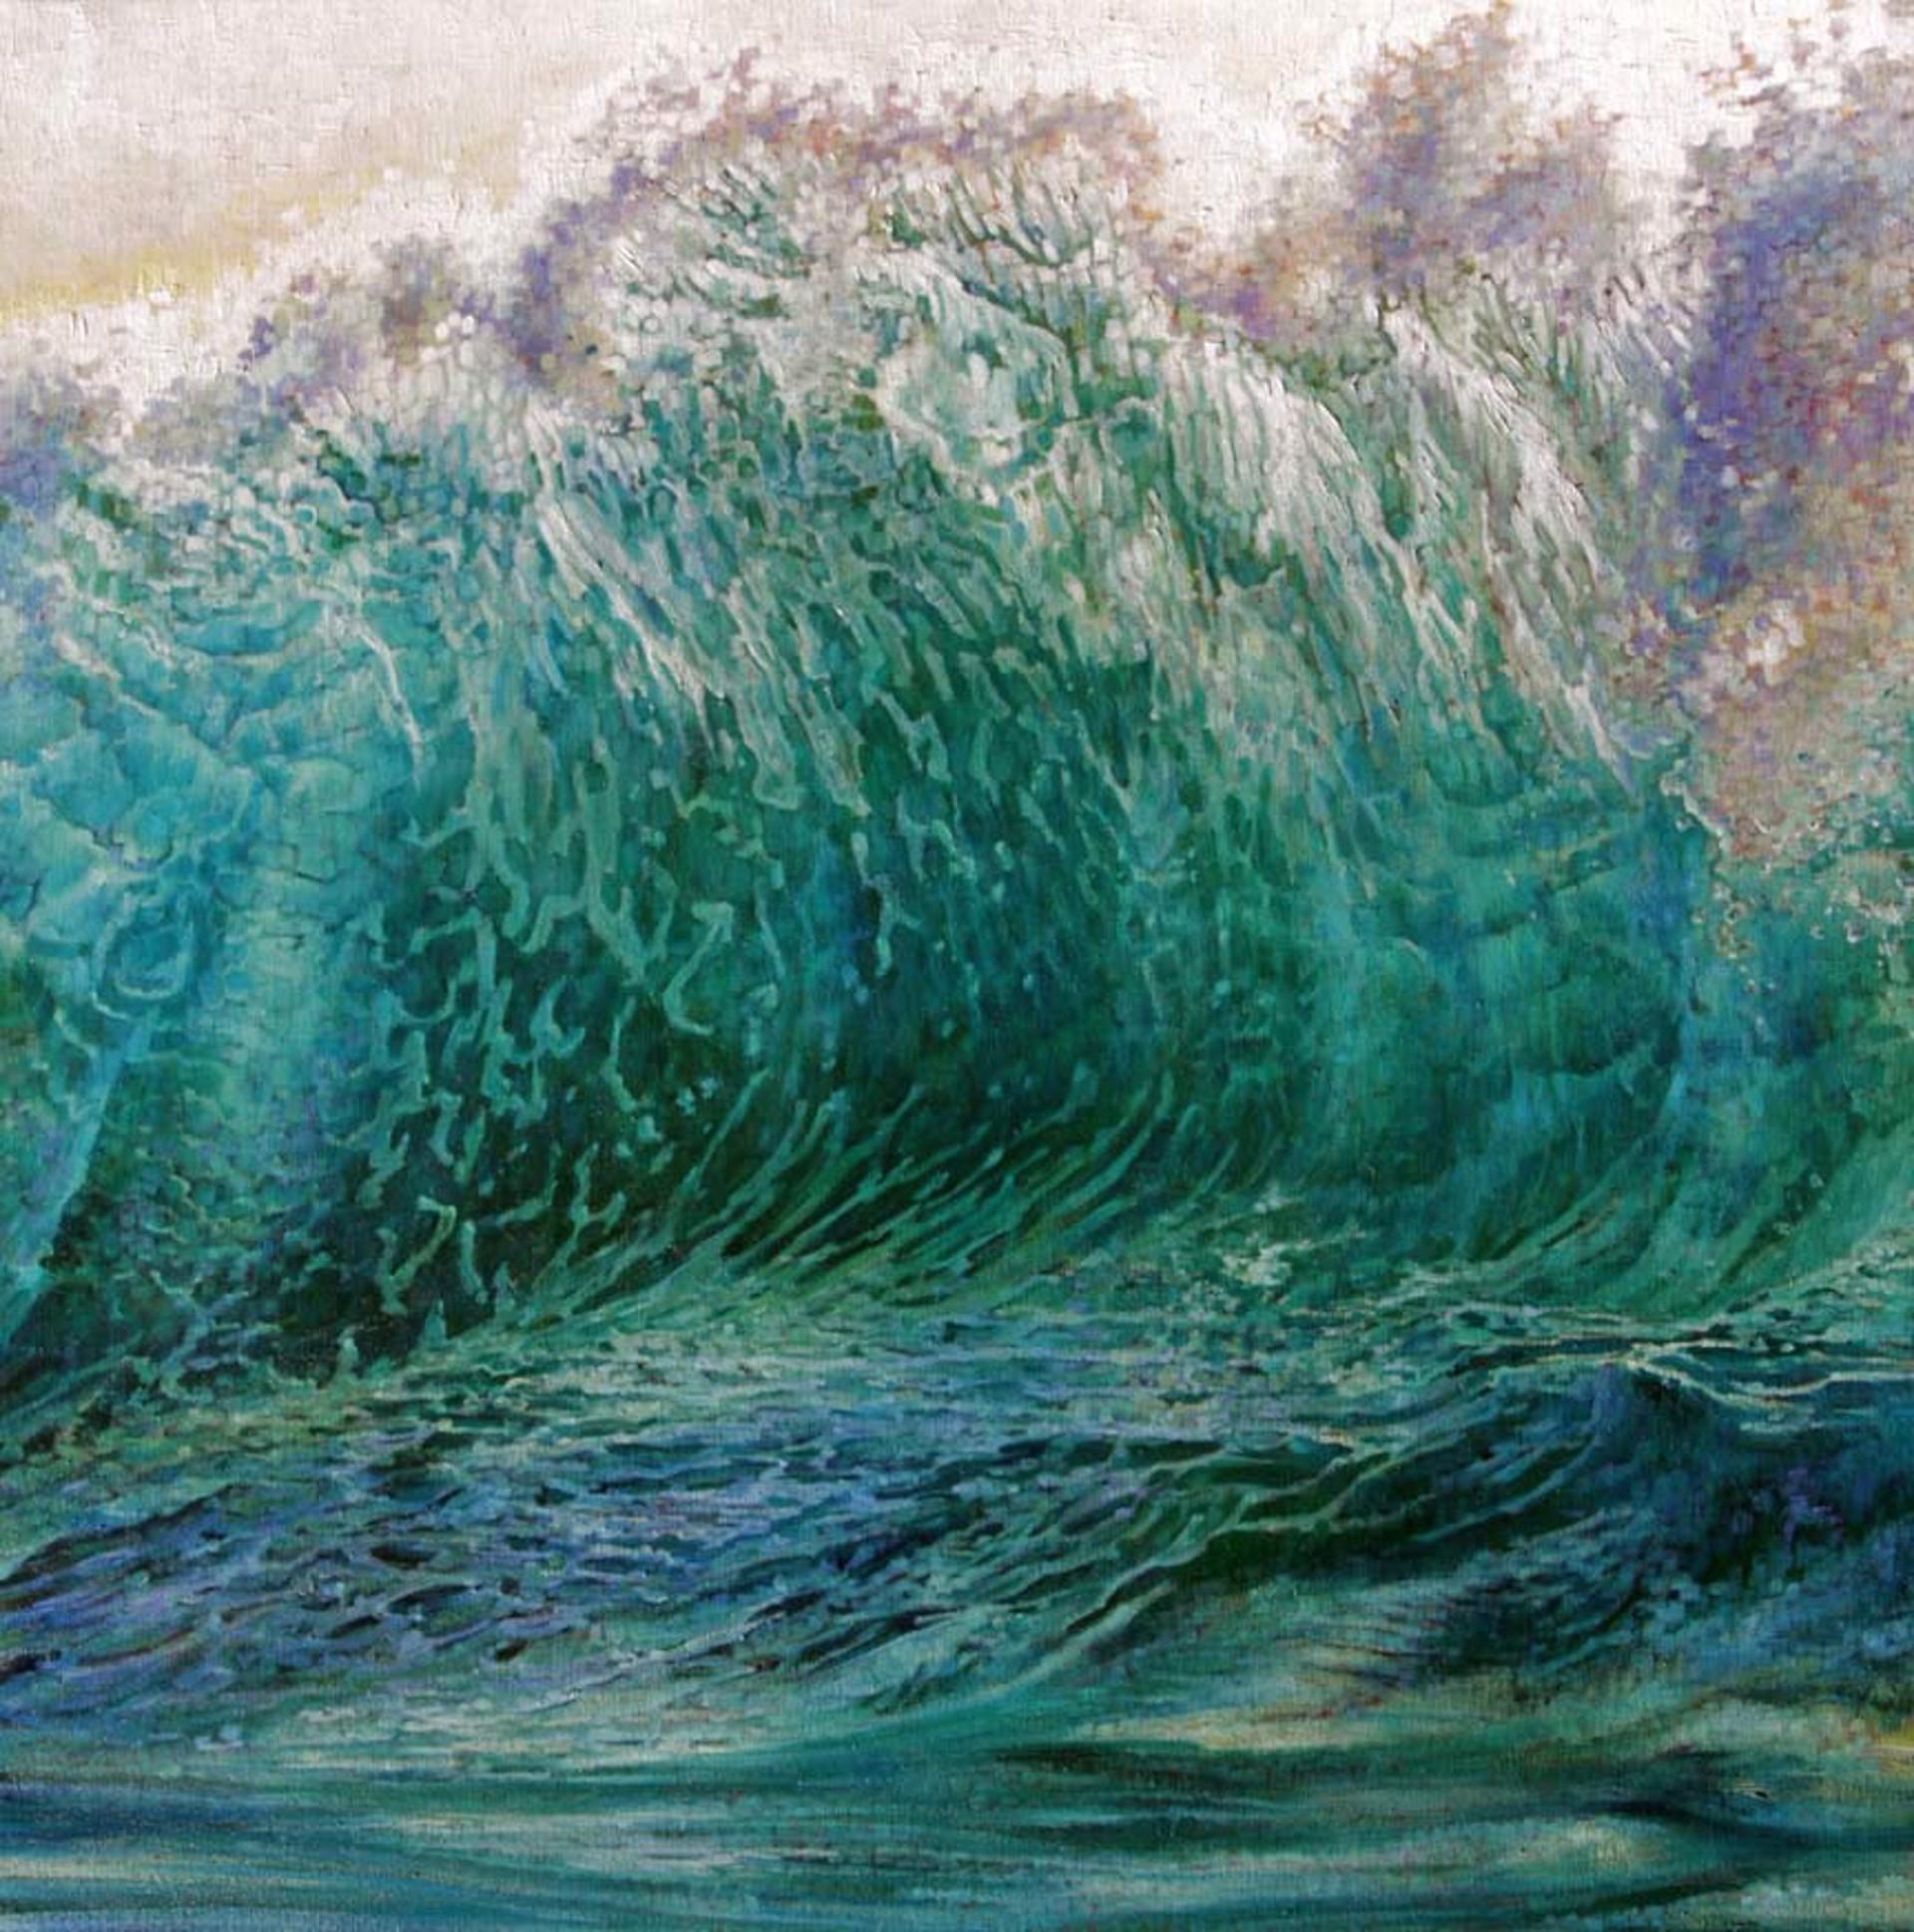 Wall Of Water by Caroline Zimmermann